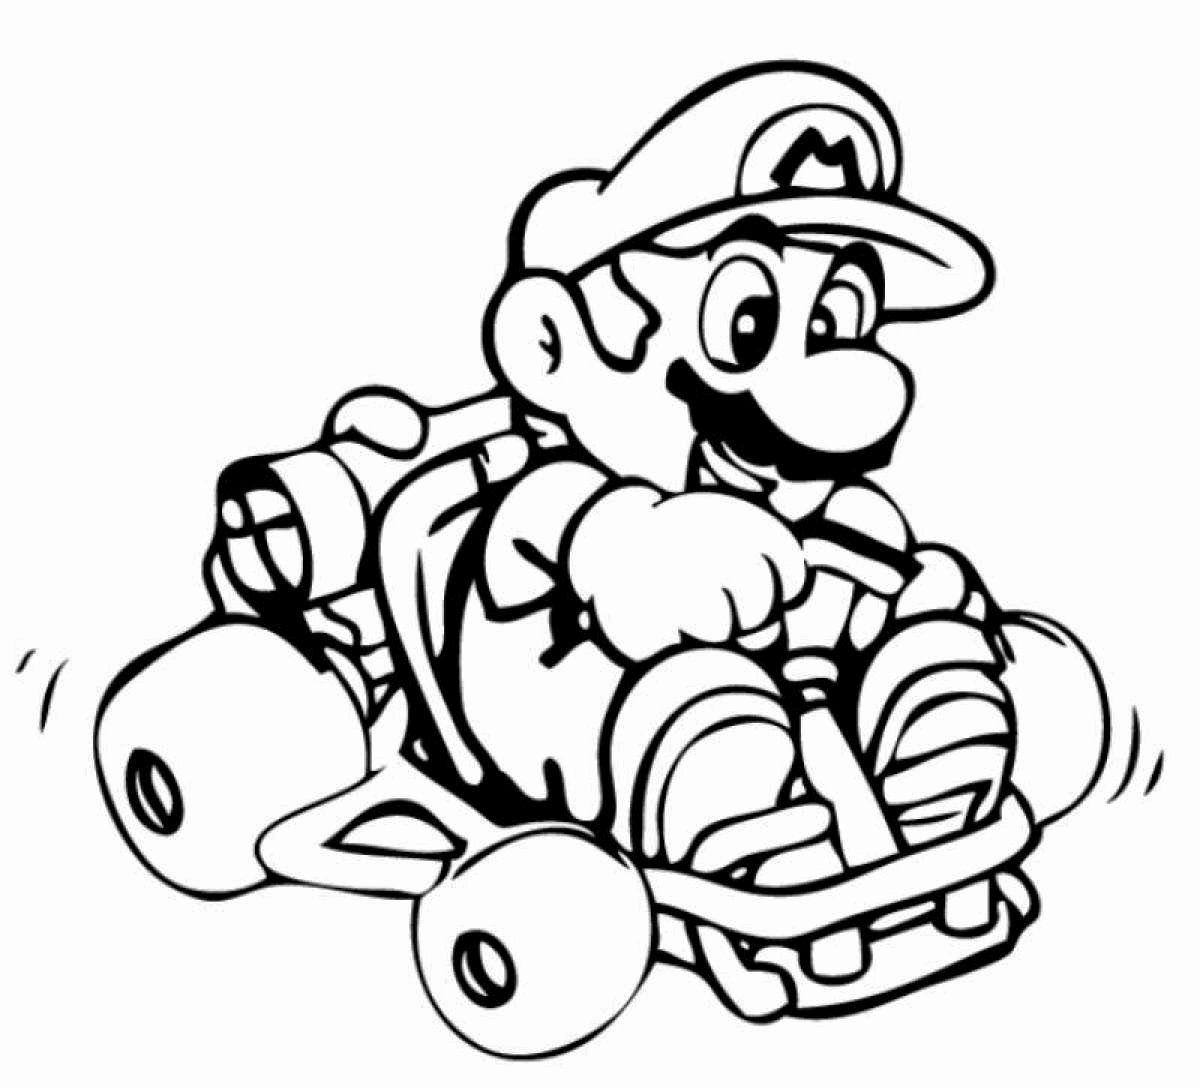 Mario Kart Coloring Page Fresh Mario Kart Characters